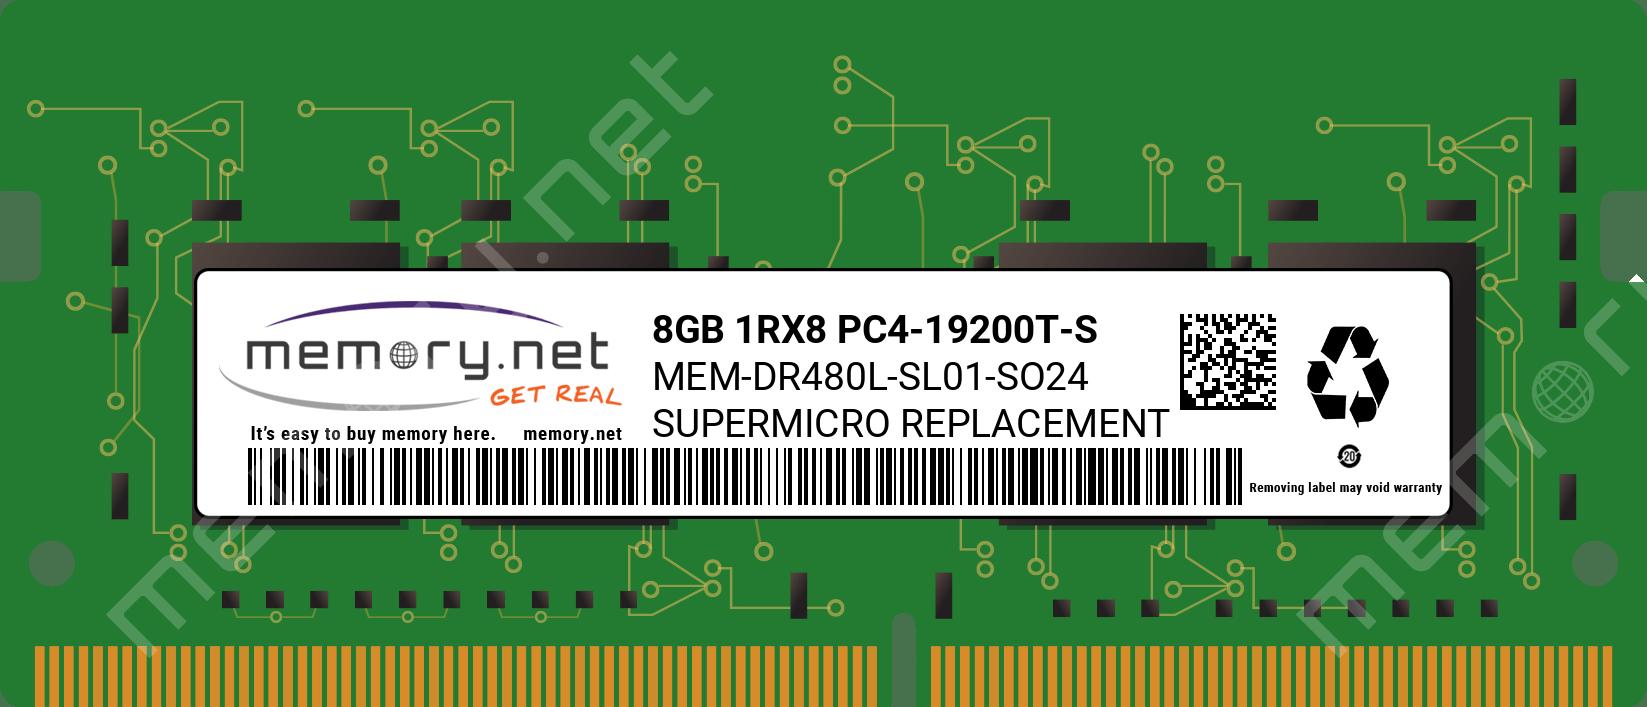 MEM-DR480L-SL01-SO24